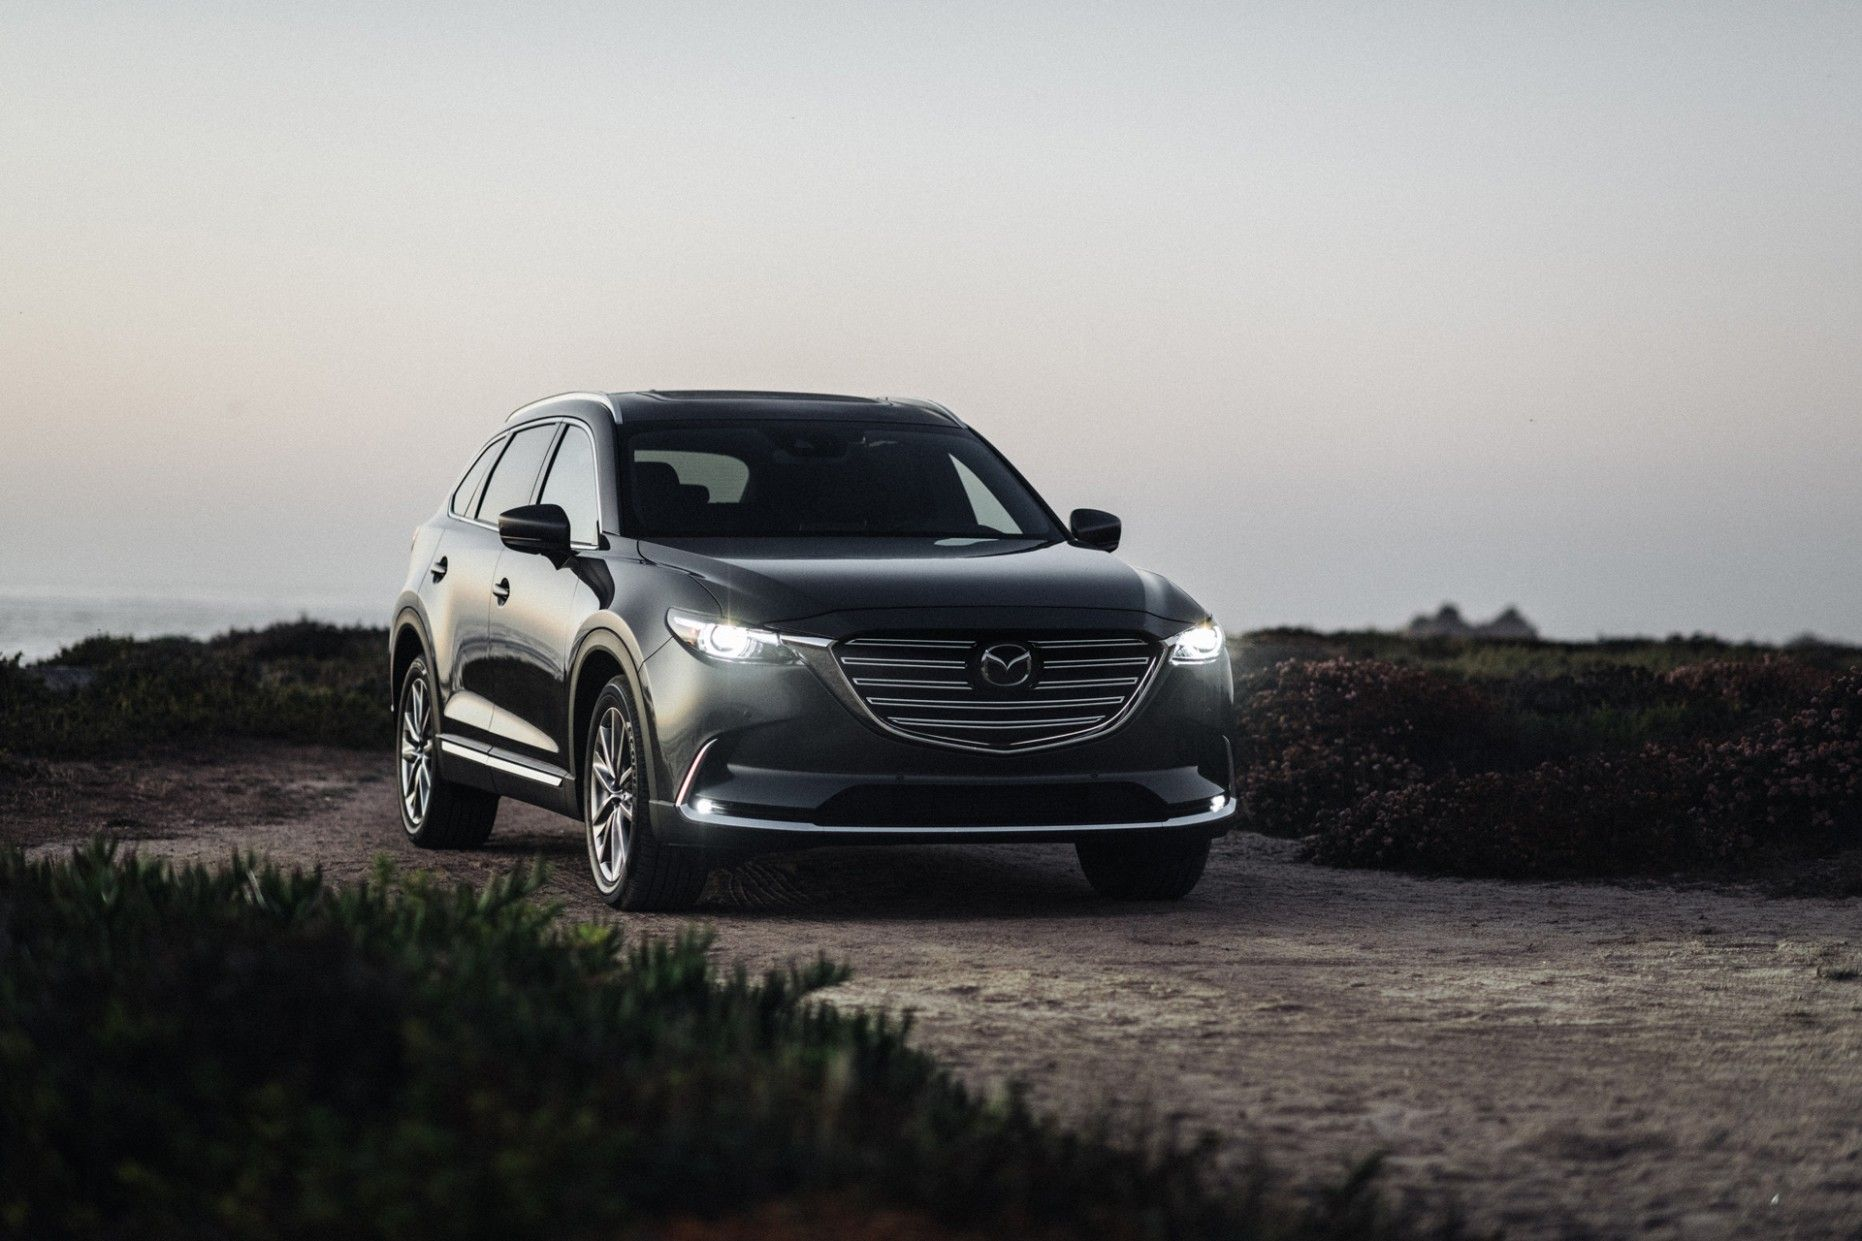 2020 Mazda Cx 7 Research New In 2020 Mazda Cx 9 Hybrid Car